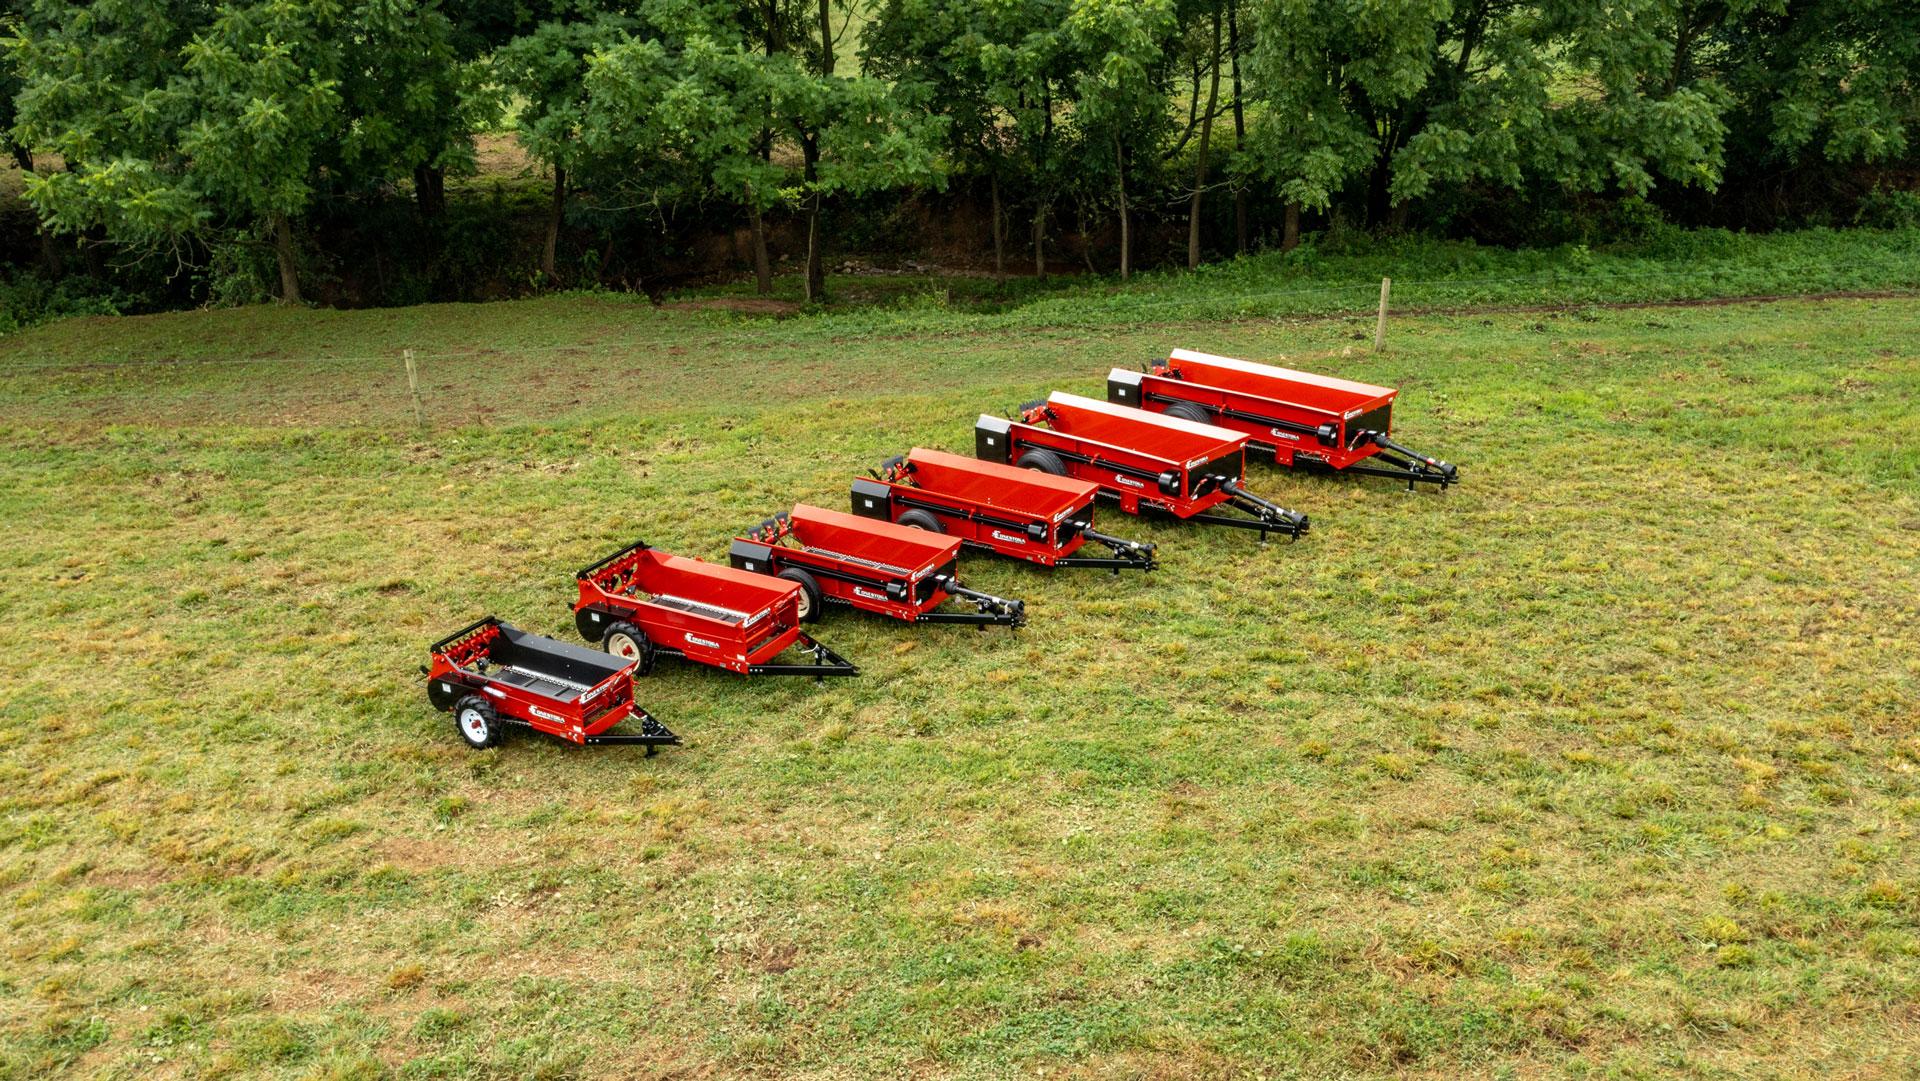 conestoga manure spreaders warranty images